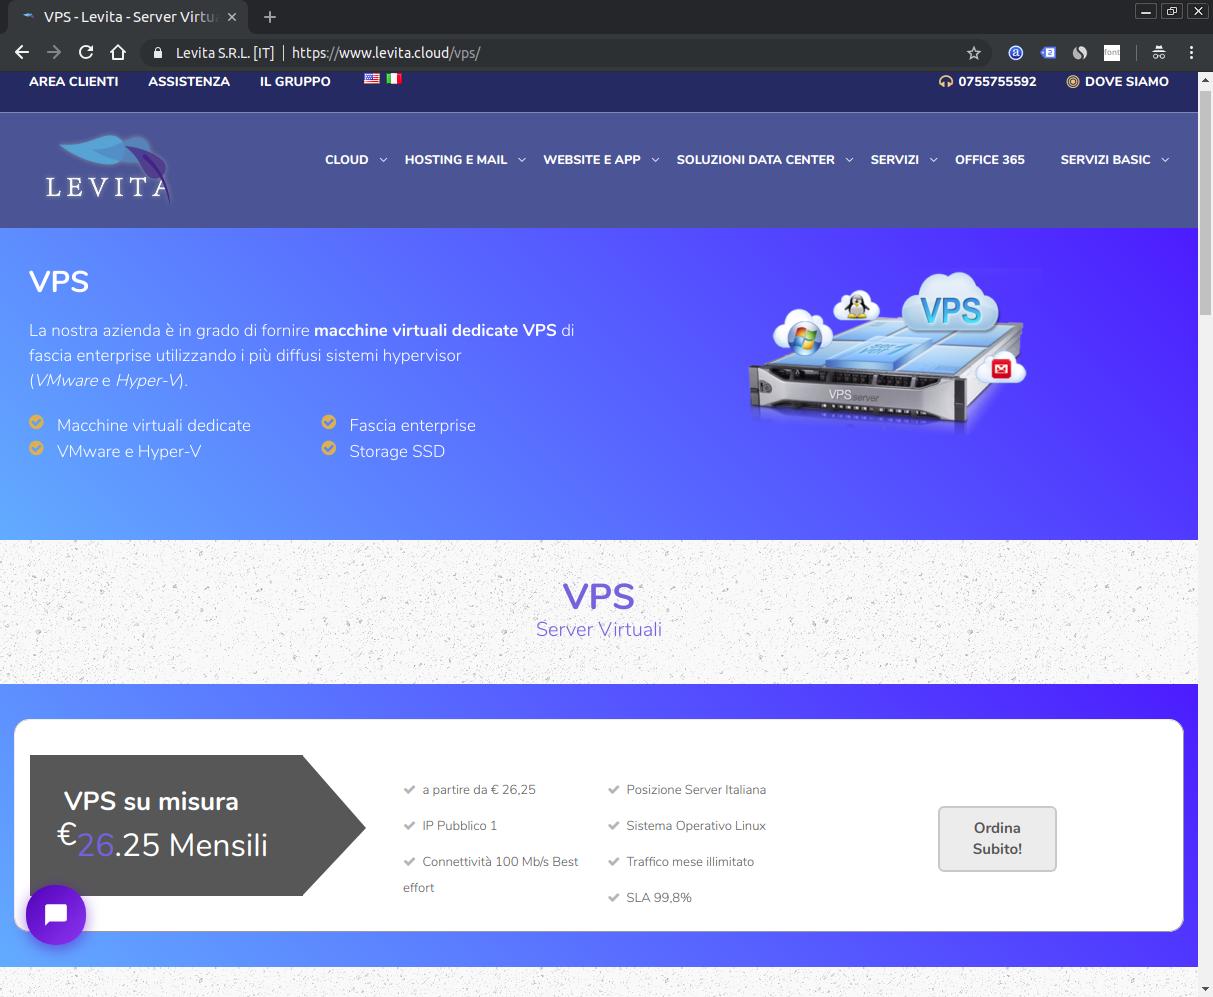 Screenshot del sito Levita